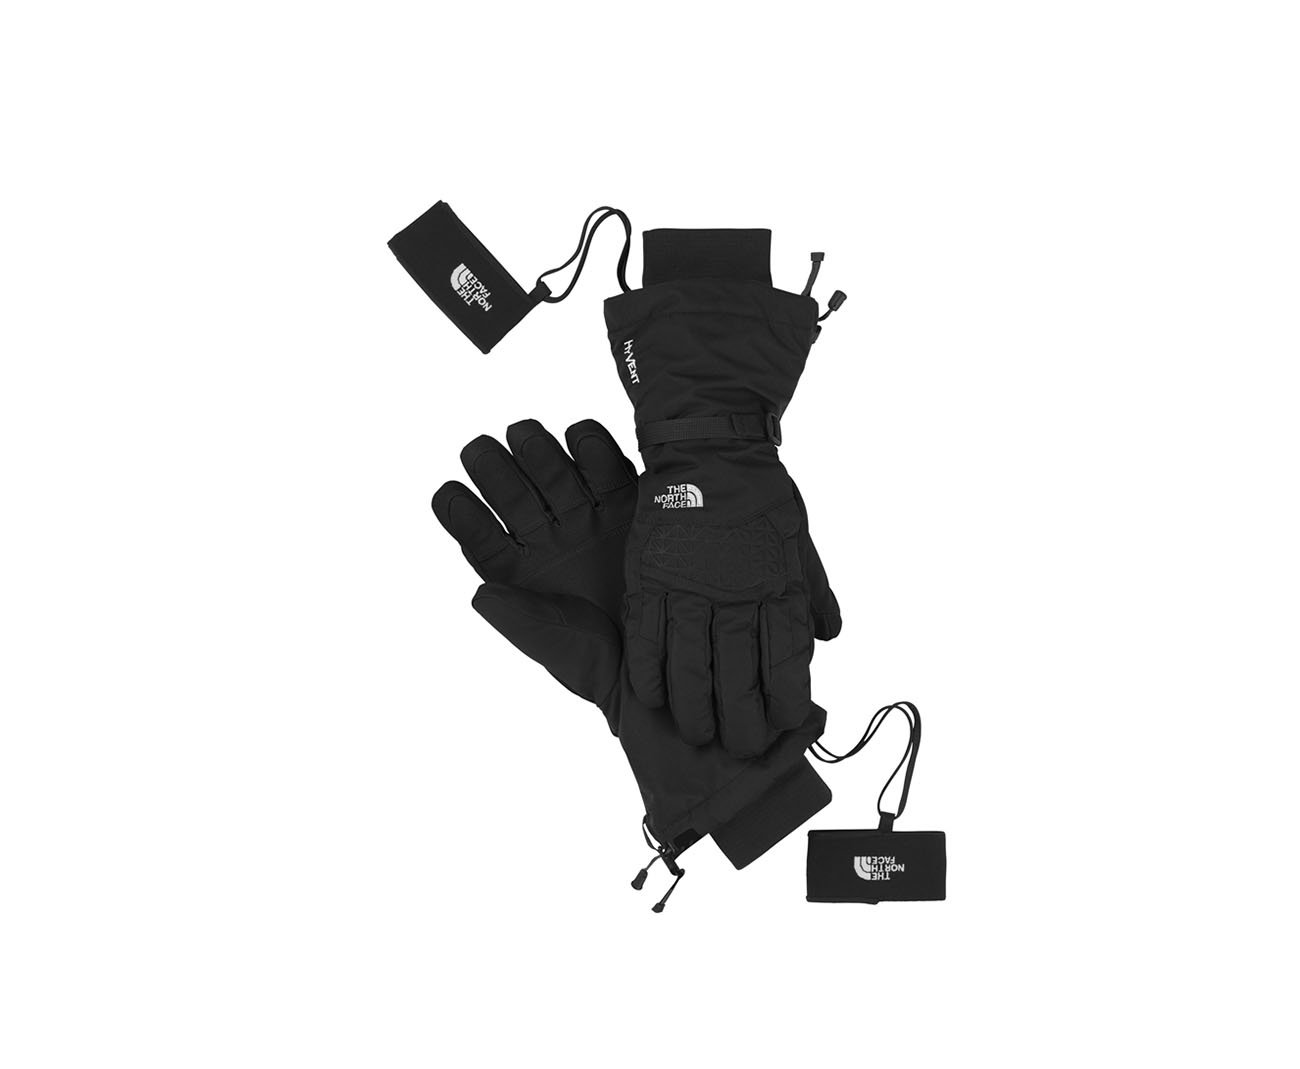 Luva Triclimate Masculino Adulto - Preta - The North Face